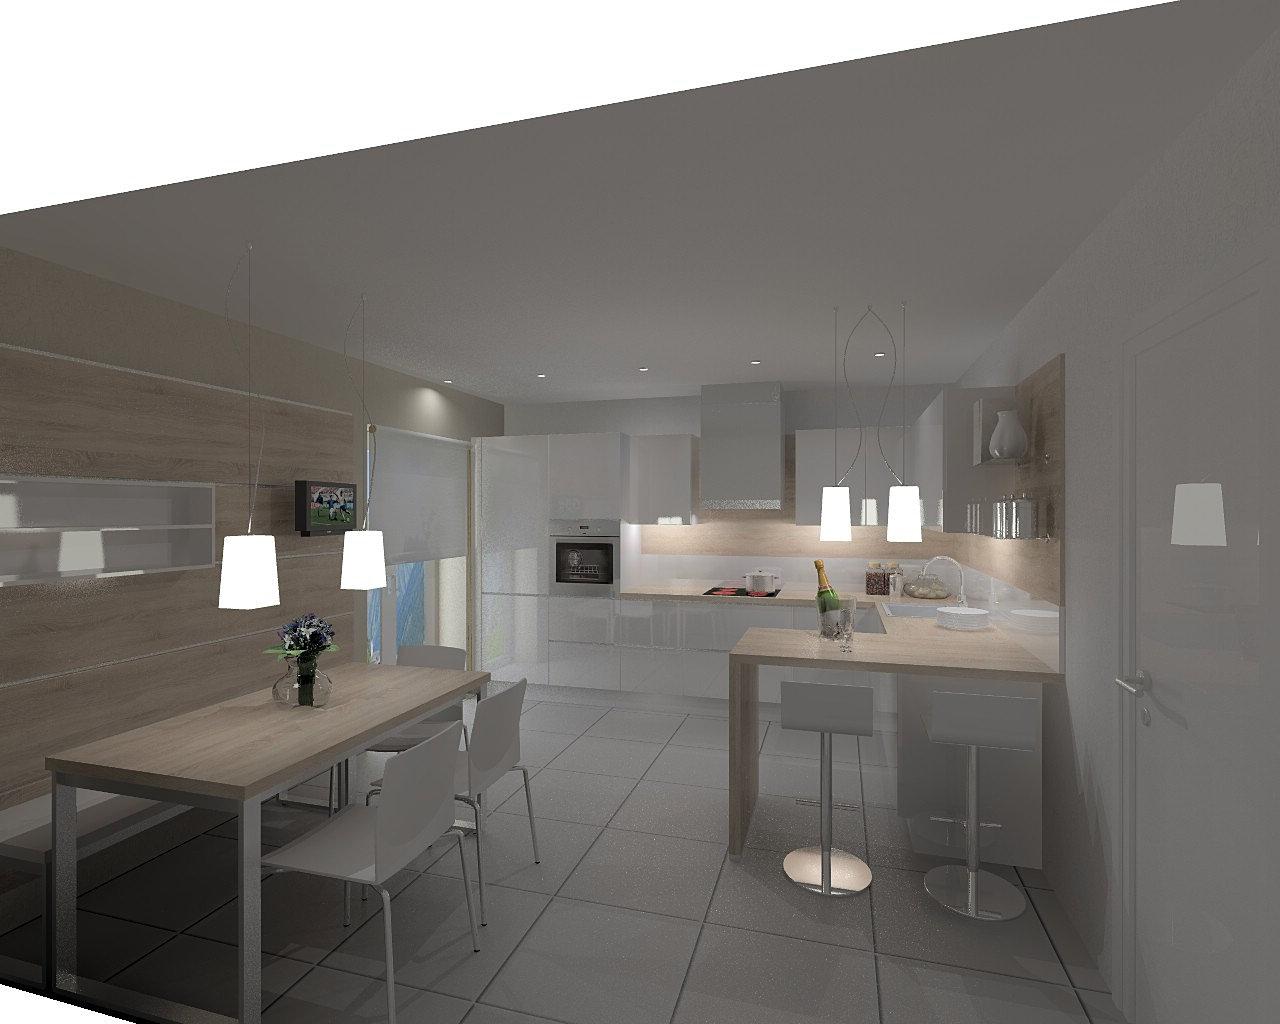 Isola cucina disegno tavolo - Tagliare top cucina ...